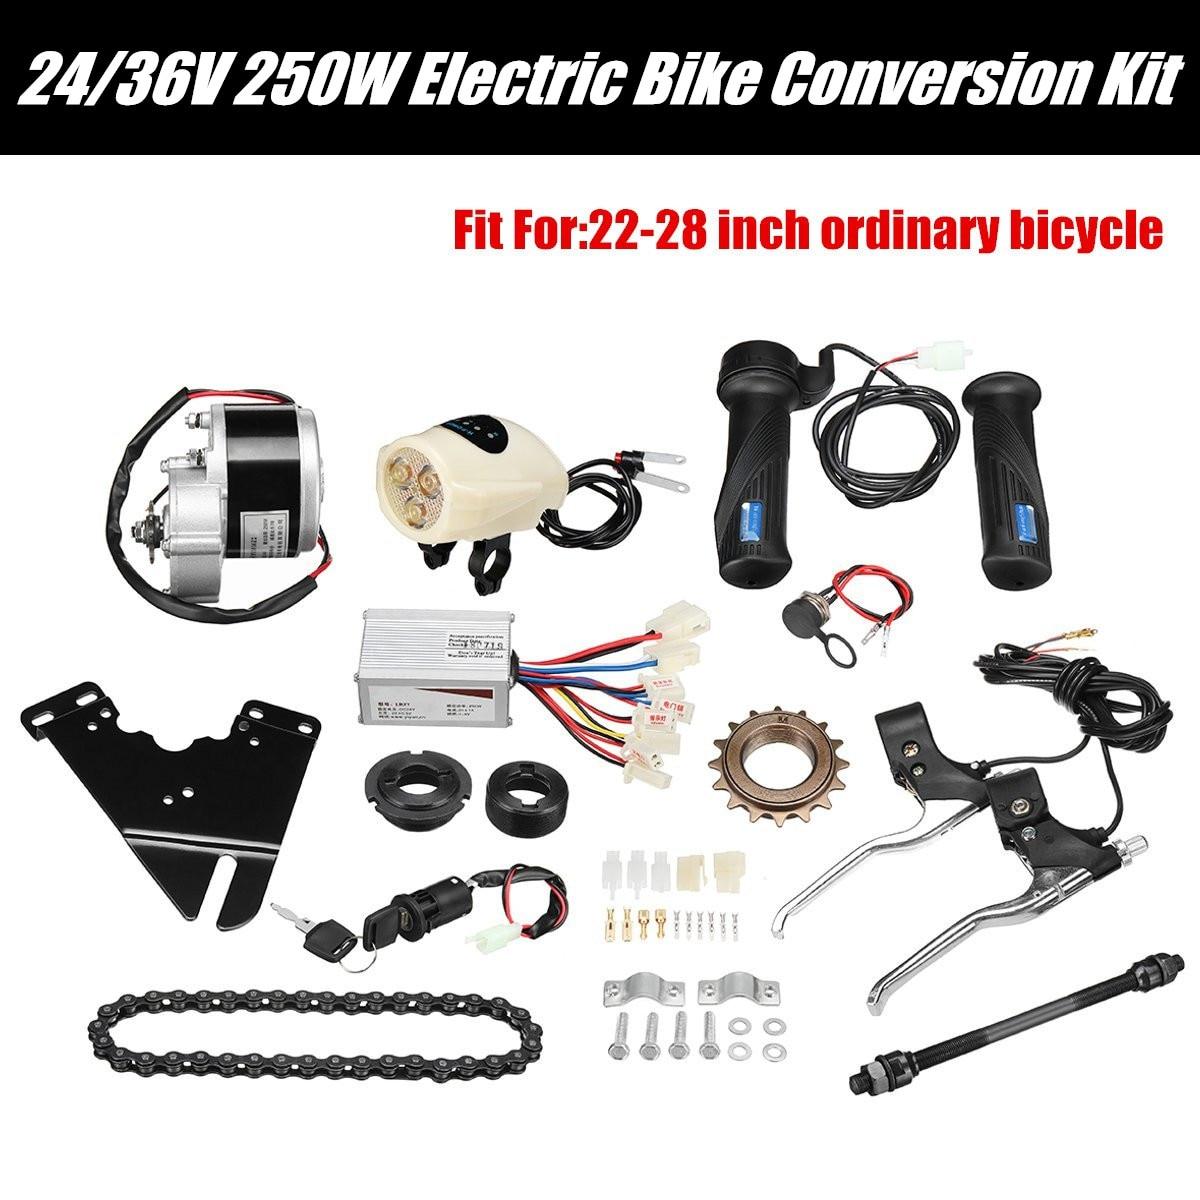 250W 24V DC Regulator napędu sterownik silnika rower elektryczny zestaw do zamiany na rower elektryczny akcesoria do 22-28 rower elektryczny e-bike